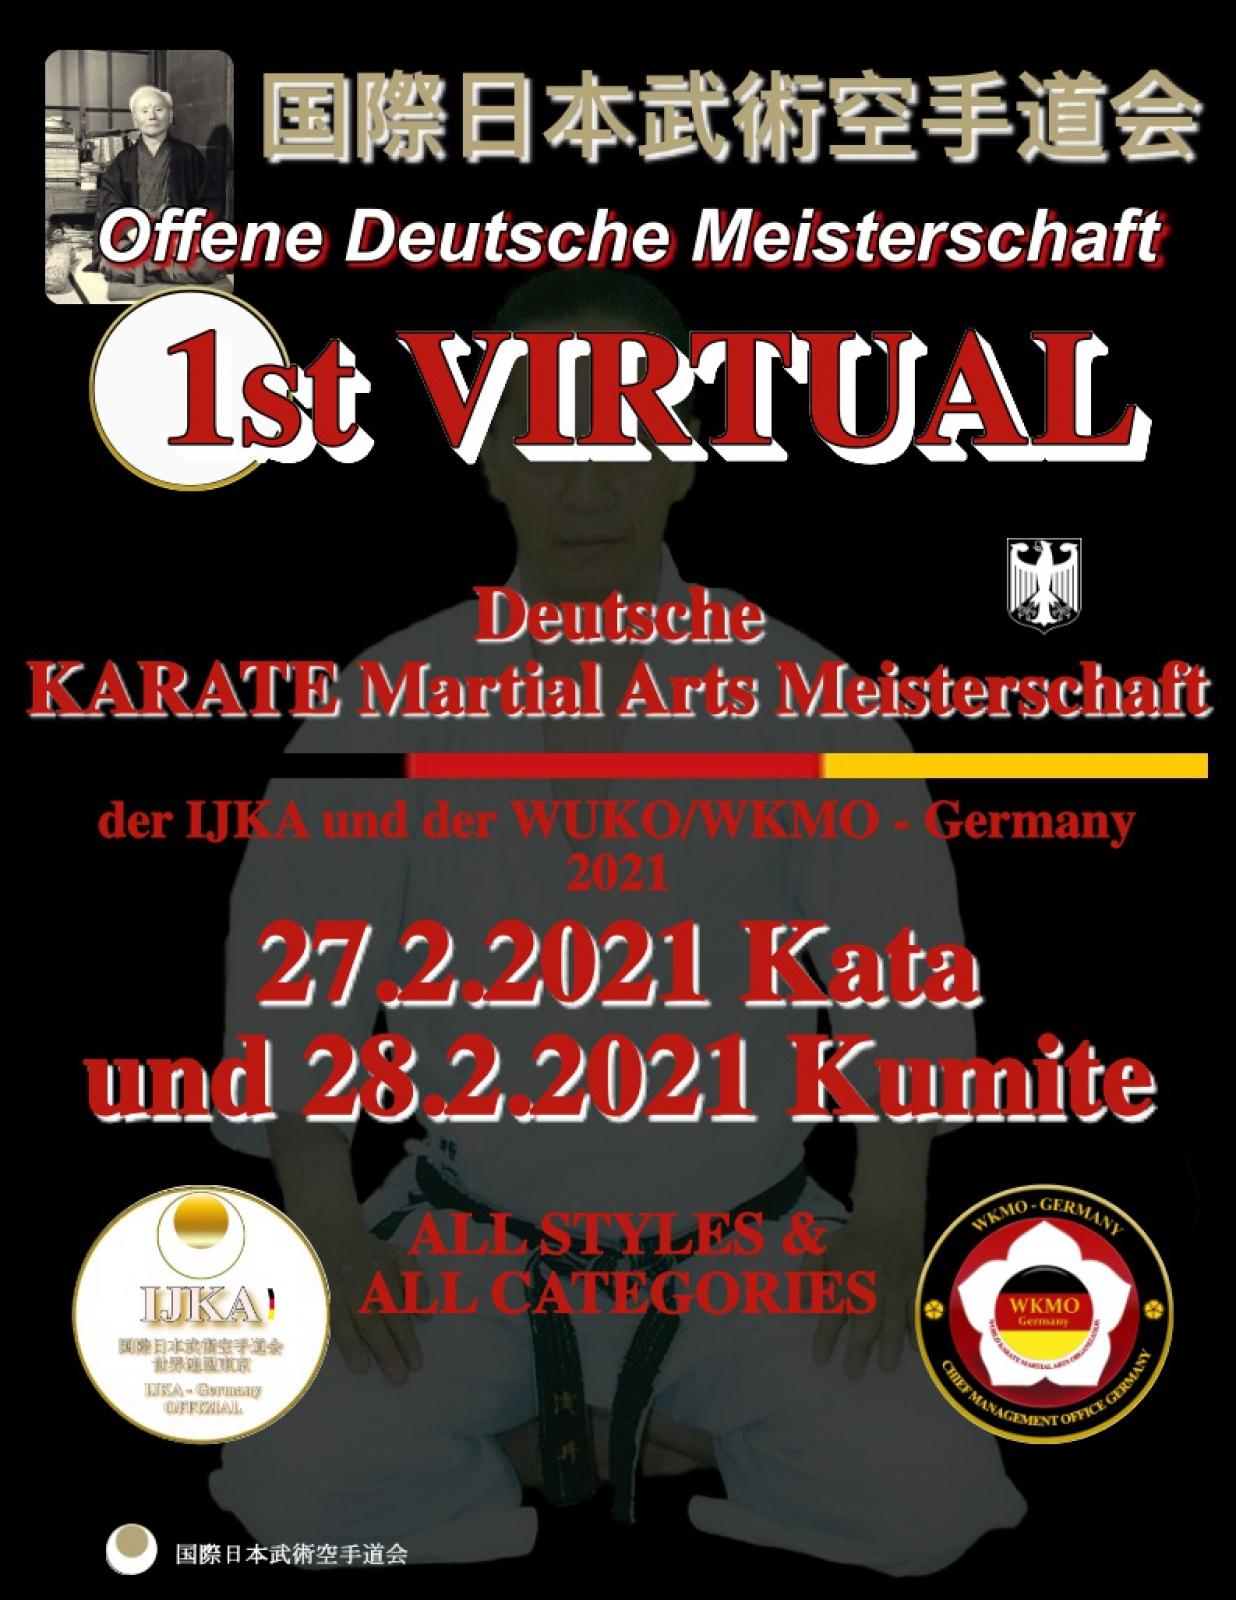 Karate Deutsche Meisterschaft 2021